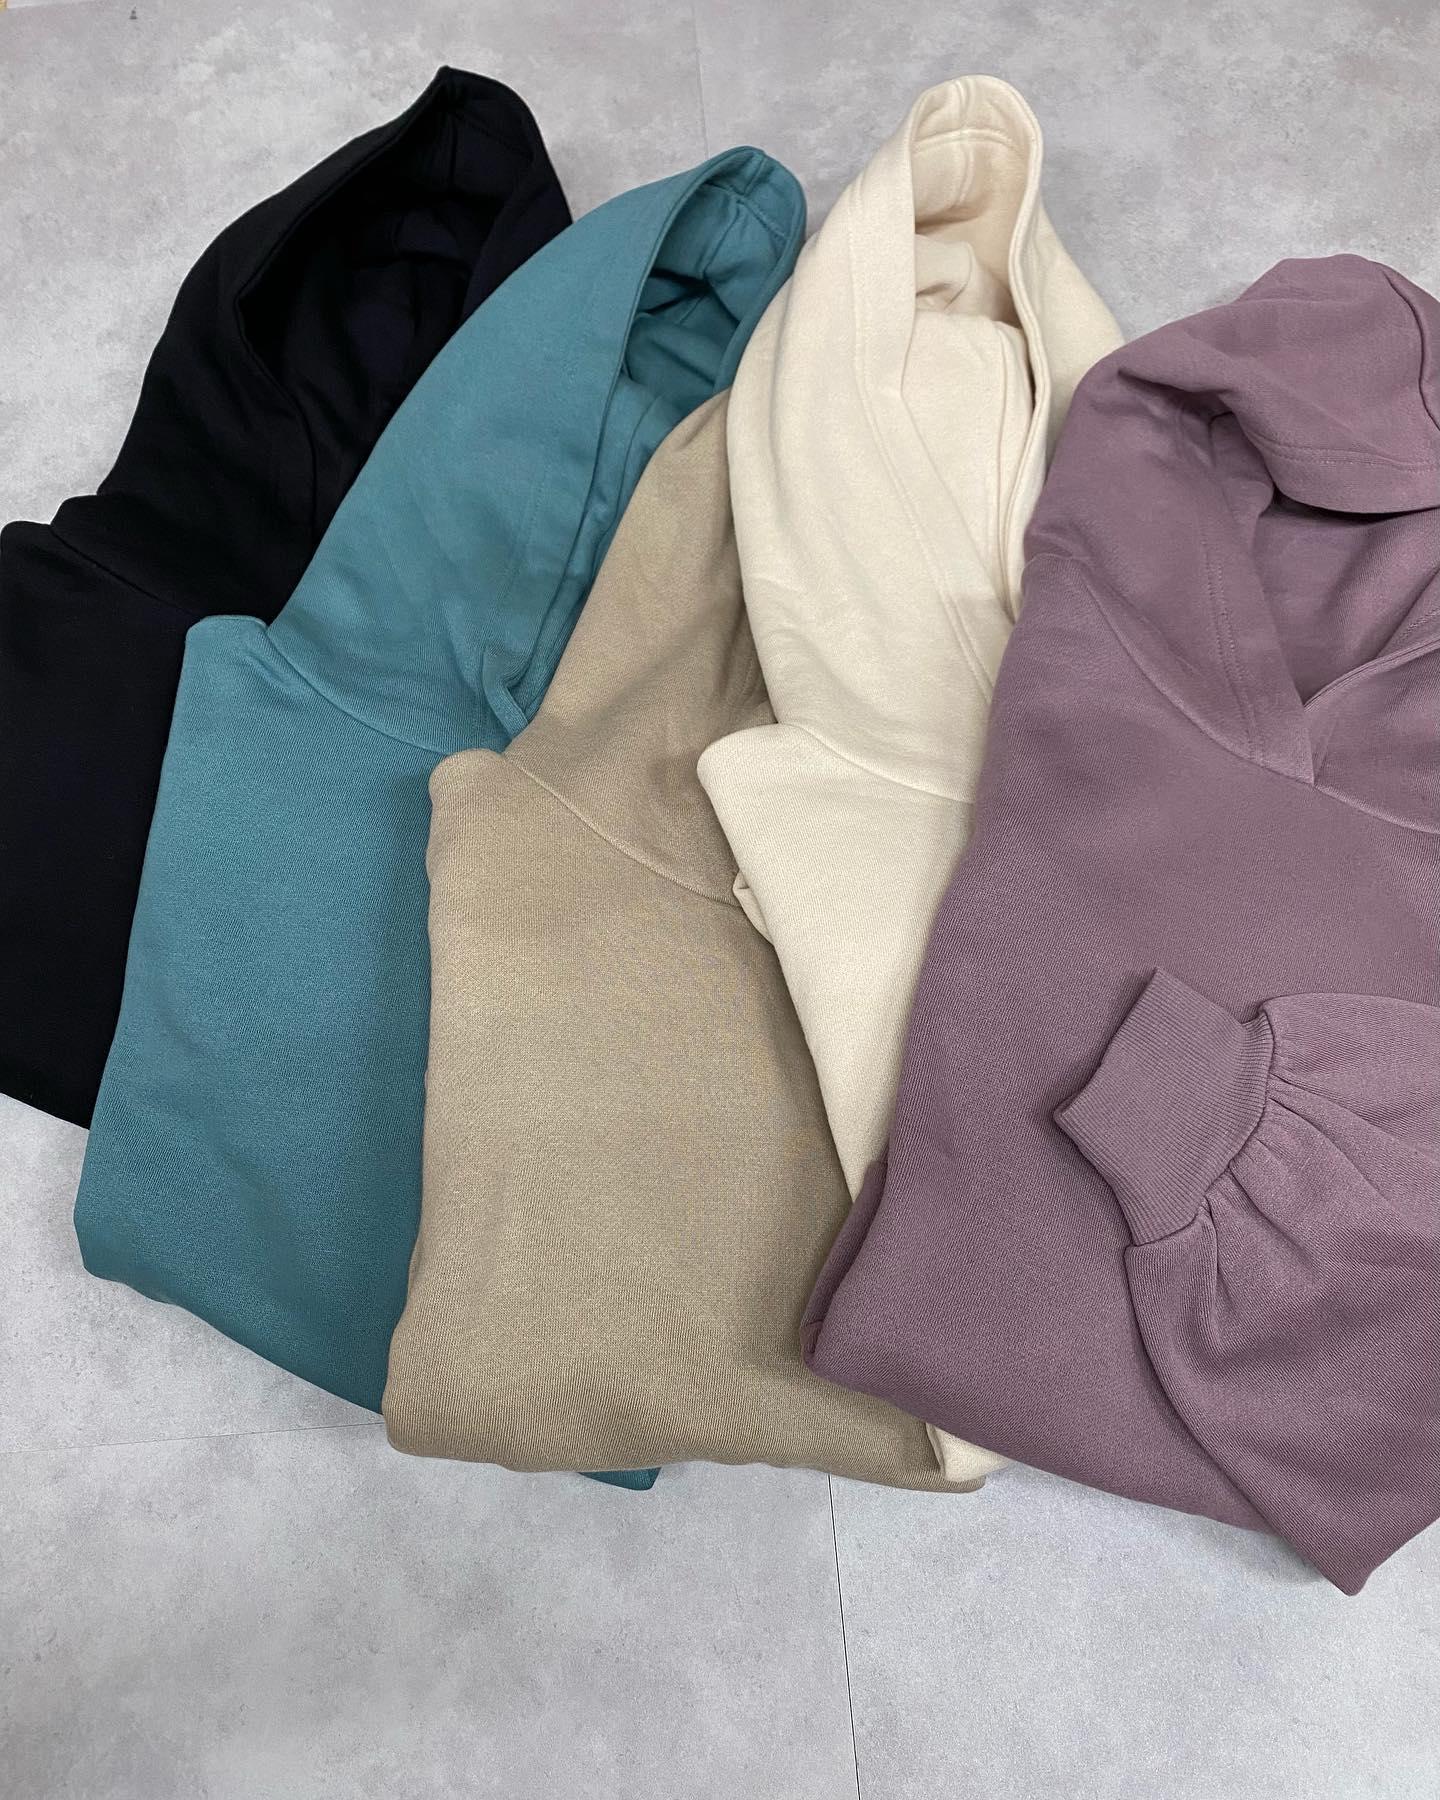 .【new arrival】🏷RW056411N001  起毛ボリュームフーディ▷¥2,000+tax  (店舗今週入荷.オンライン近日入荷予定)∥color∥ white / green / purple / brown / black一枚でも着れる裏起毛ショート丈だから中にシャツやロンTとのレイヤードコーデにプリーツスカートやリブパンツ合わせが◎ #retrogirl_ootd#レトロガール#レトロガールコーデ#トレンドファッション#プチプラコーデ#フーディ #パーカー #パーカーコーデ #レイヤード #レイヤードコーデ #プリーツスカート #チェックシャツ#冬コーデ